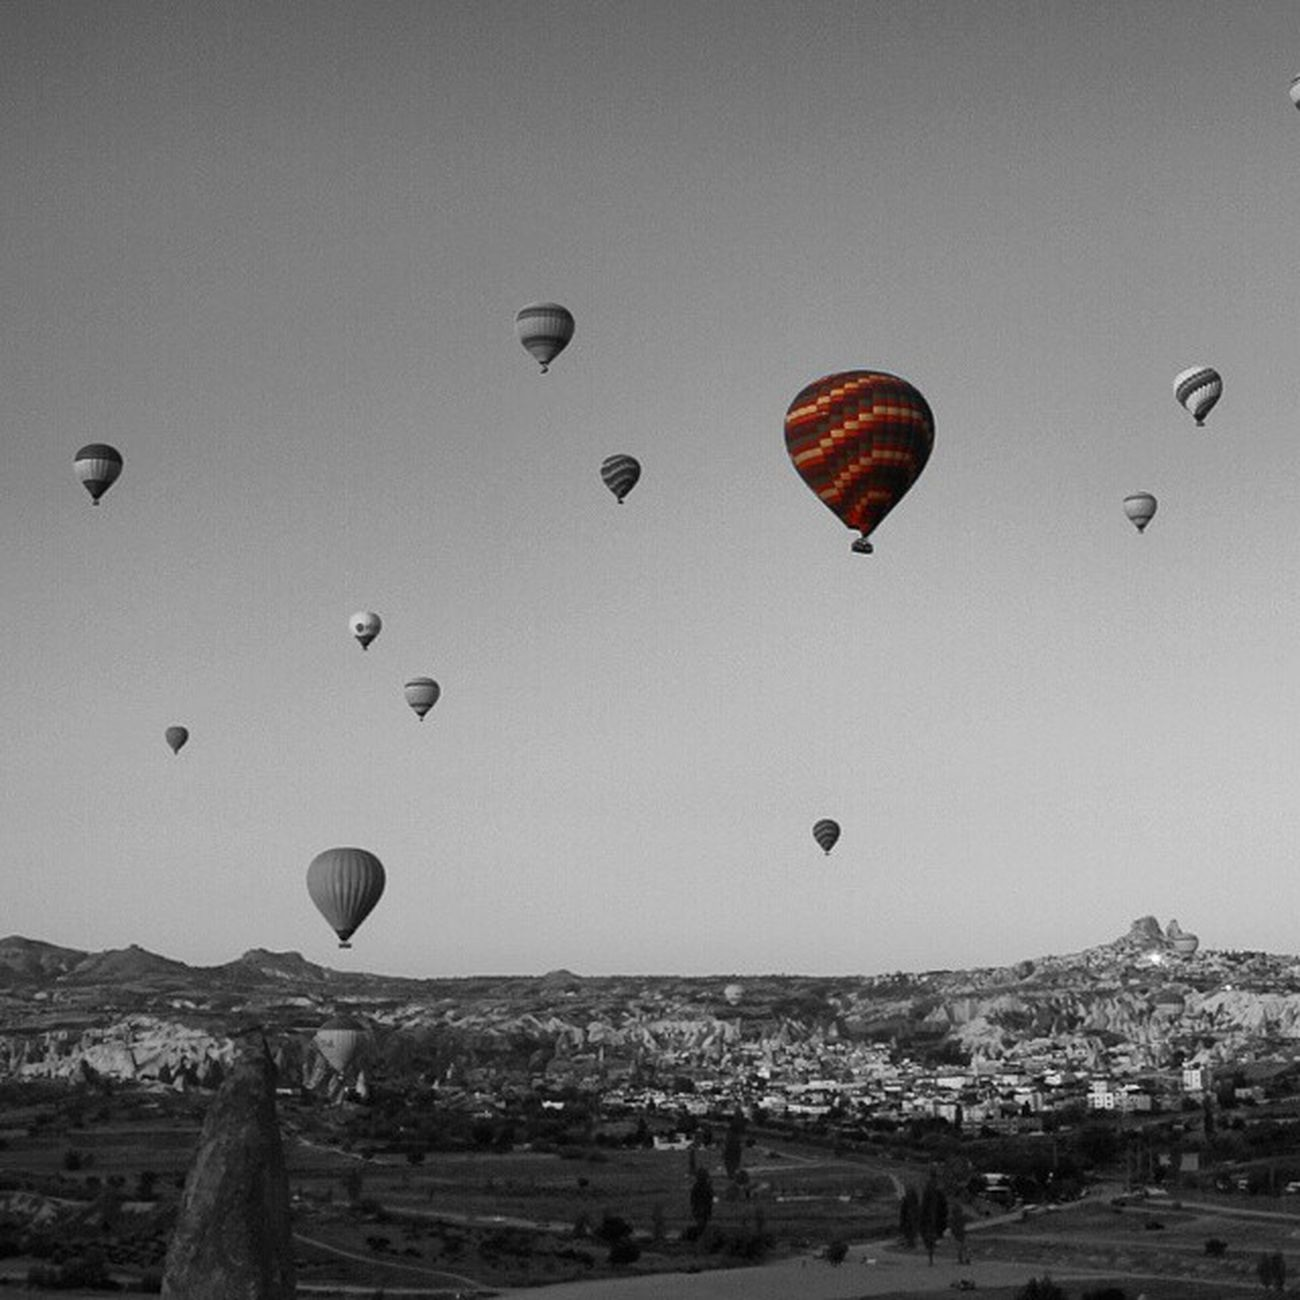 Canon Eos60d Photo Like4like Anıyakala Fotograf Benimgözümden Benimkadrajım Benimvizorum Günbatımı Gununkaresi Ig_eurasia Exifx Hayatakarken Objektifimden ürgüp Balloons Balon Kapadokya Cappadocia Göreme Fotosentez Followmee Altinvizor Fotogulumse_ gününkaresi splash_oftheworld otelzcom